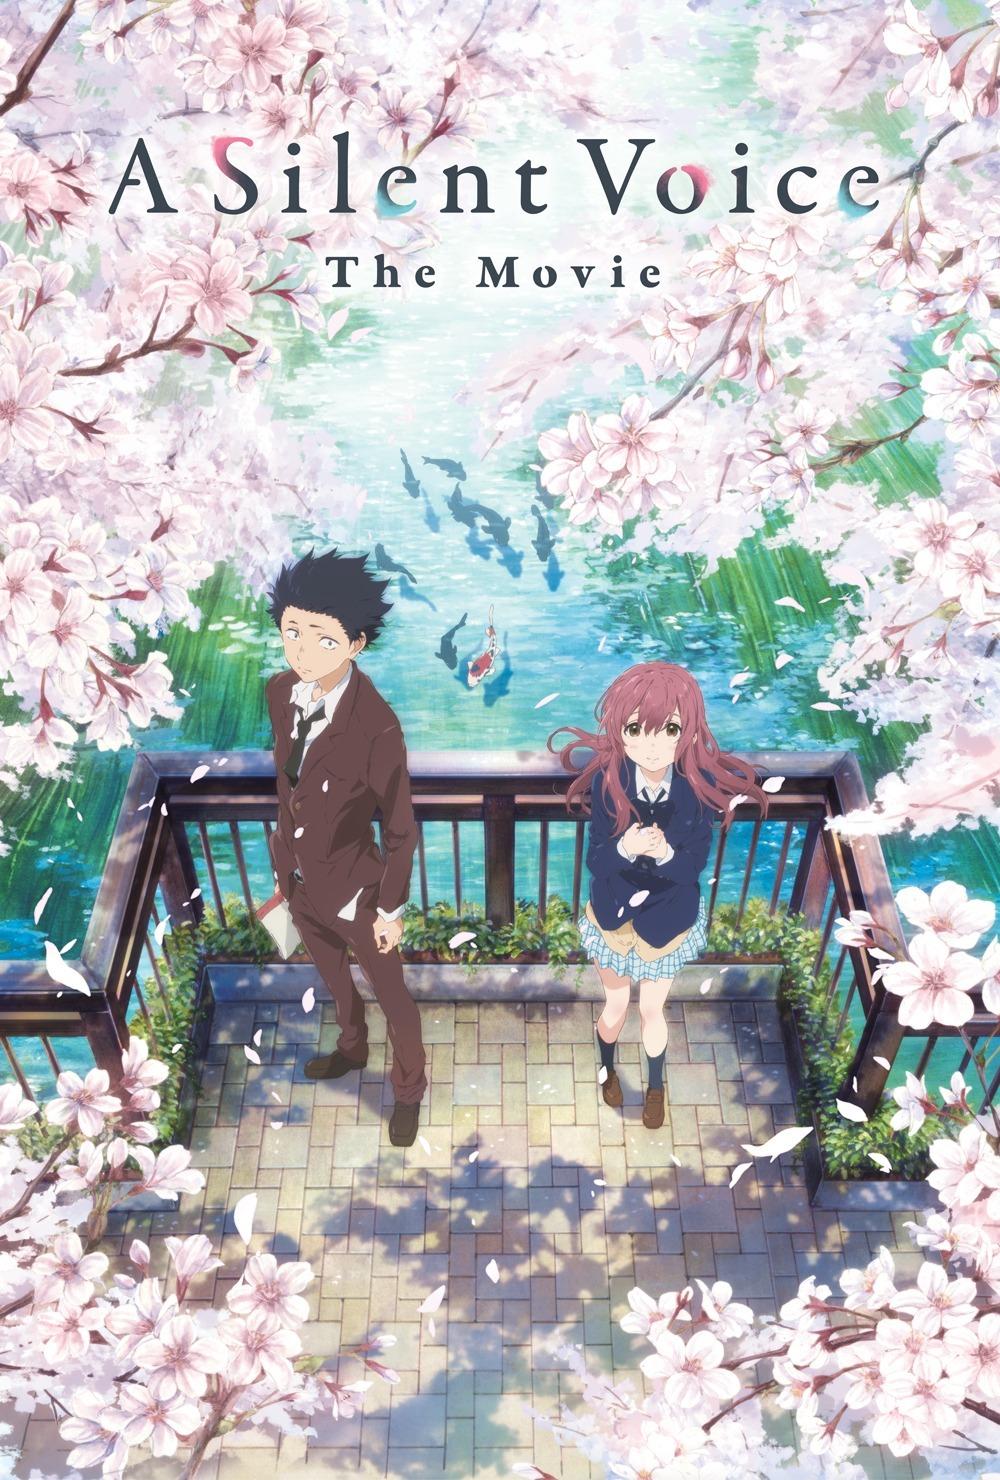 A Silent Voice Anime Tumblr A Silent Voice A Silent Voice Anime Peliculas De Anime